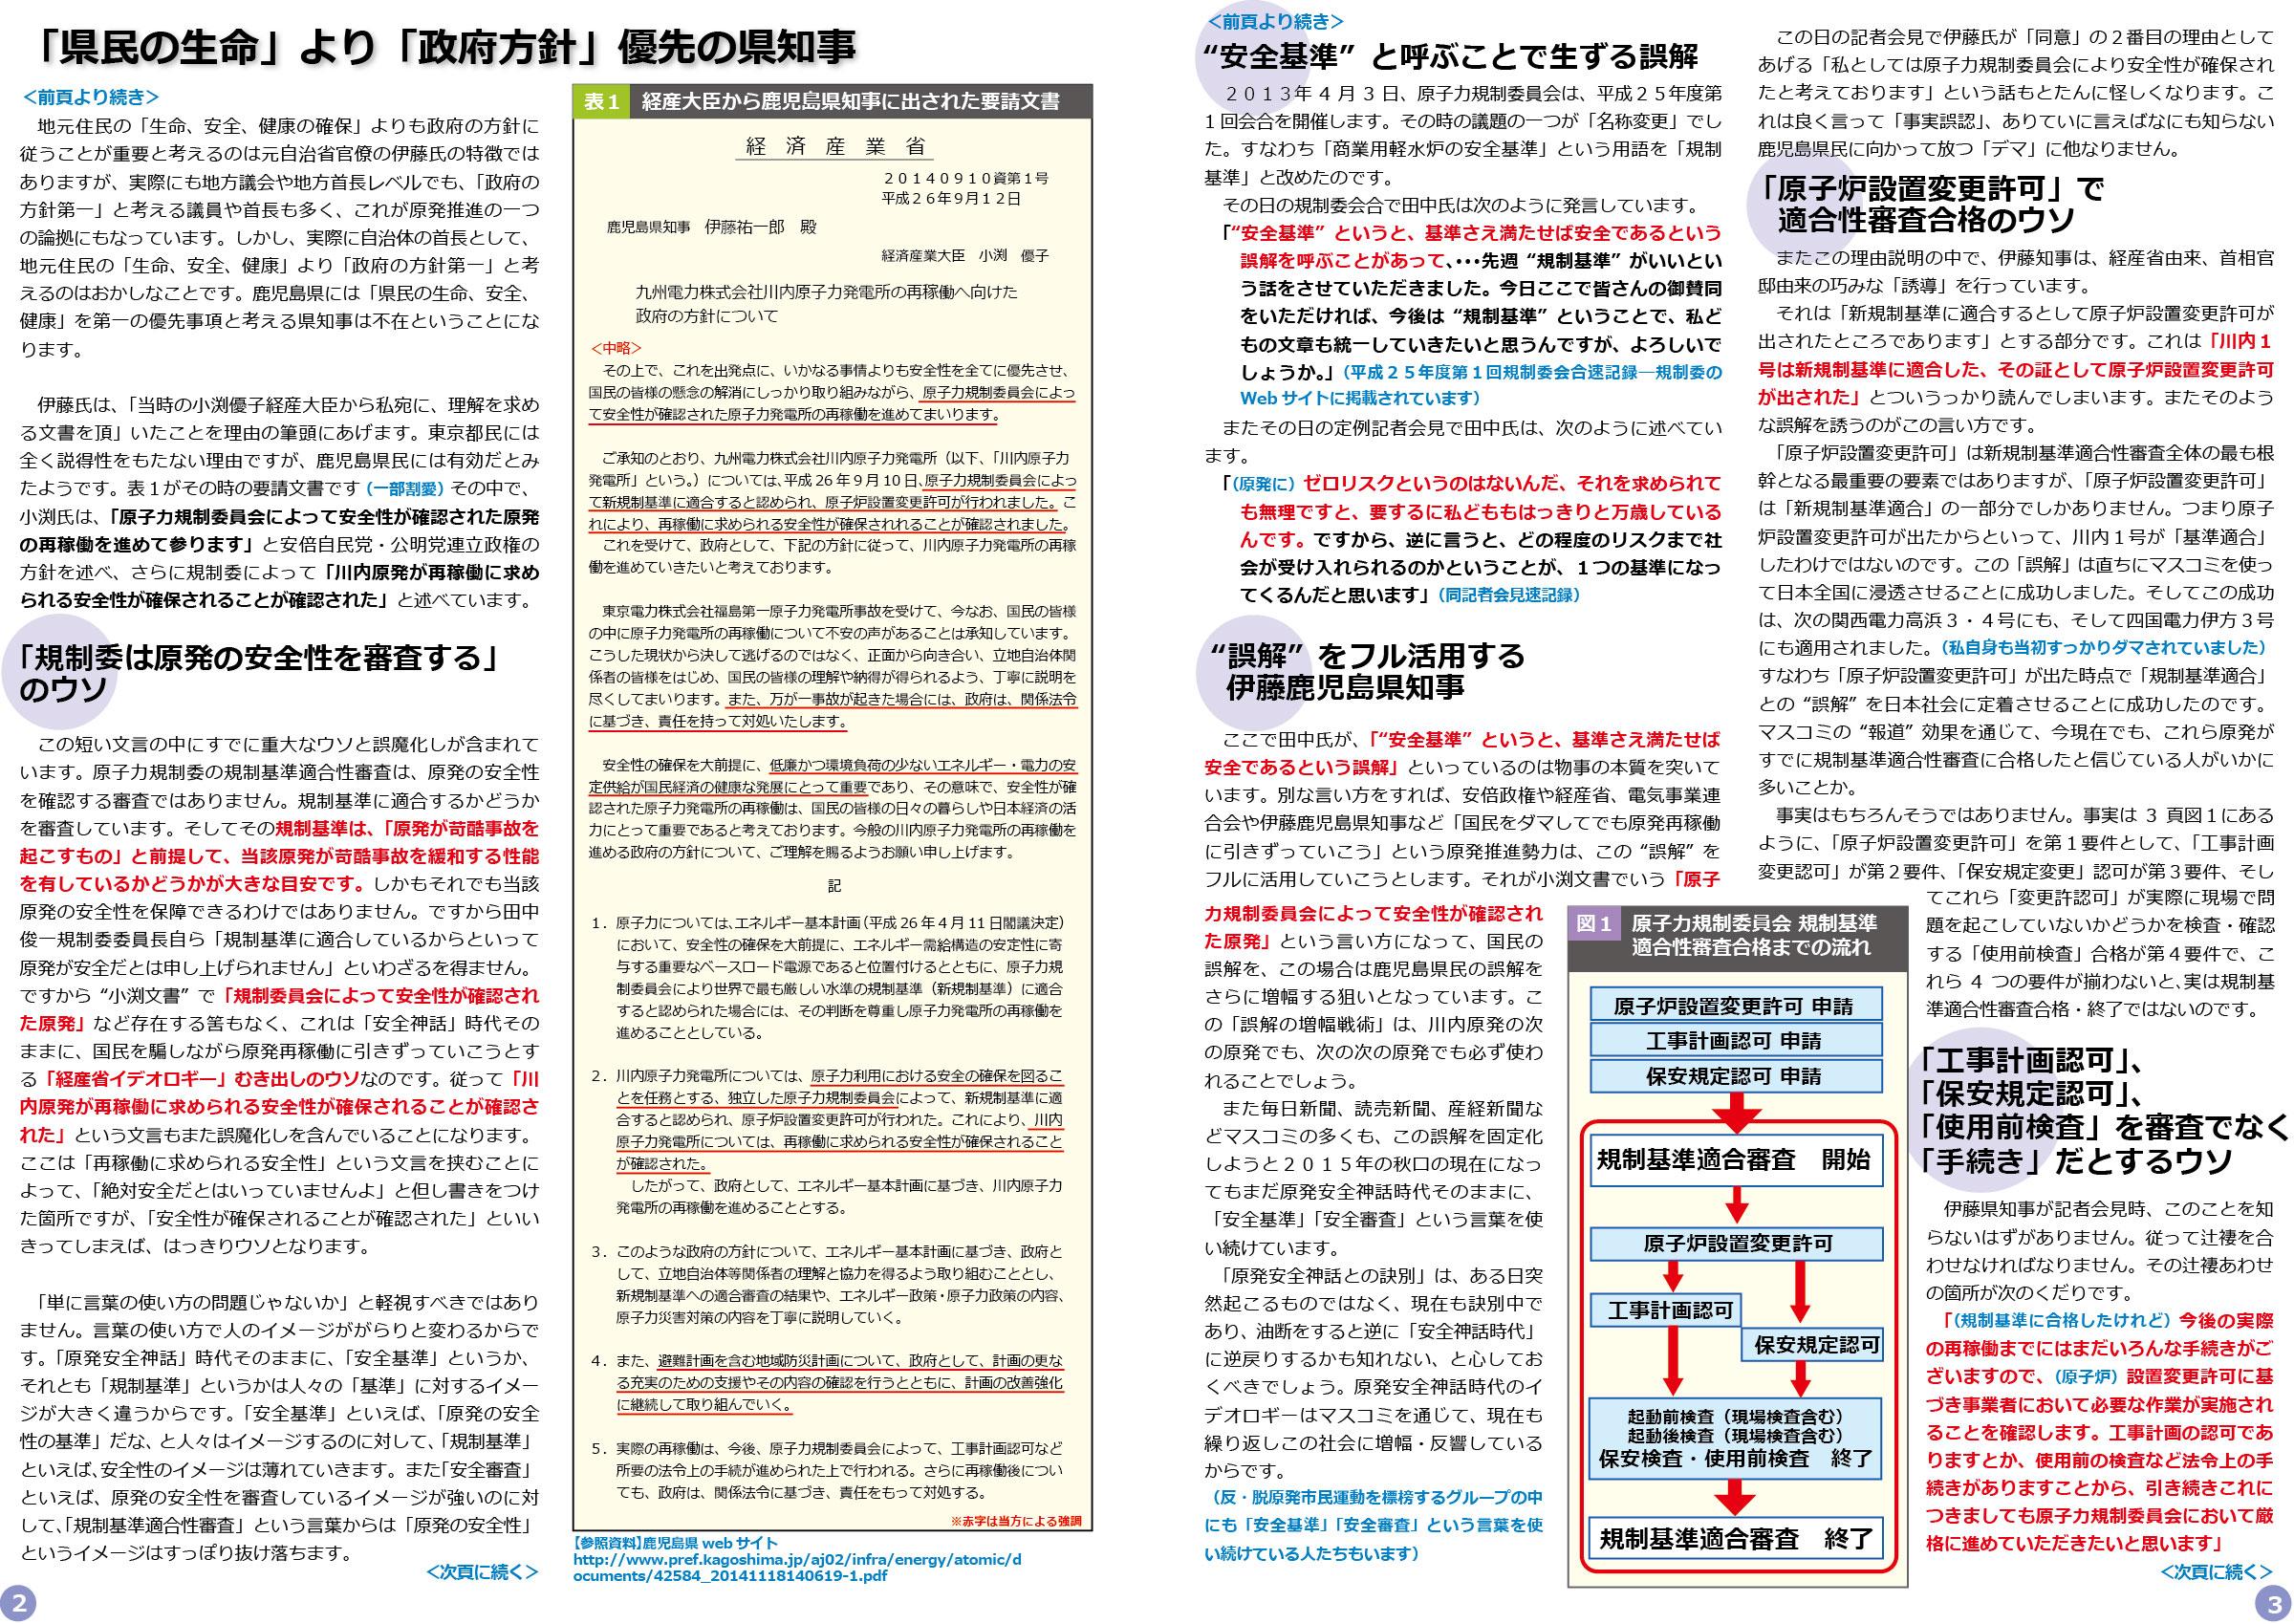 ファイル 446-2.jpg